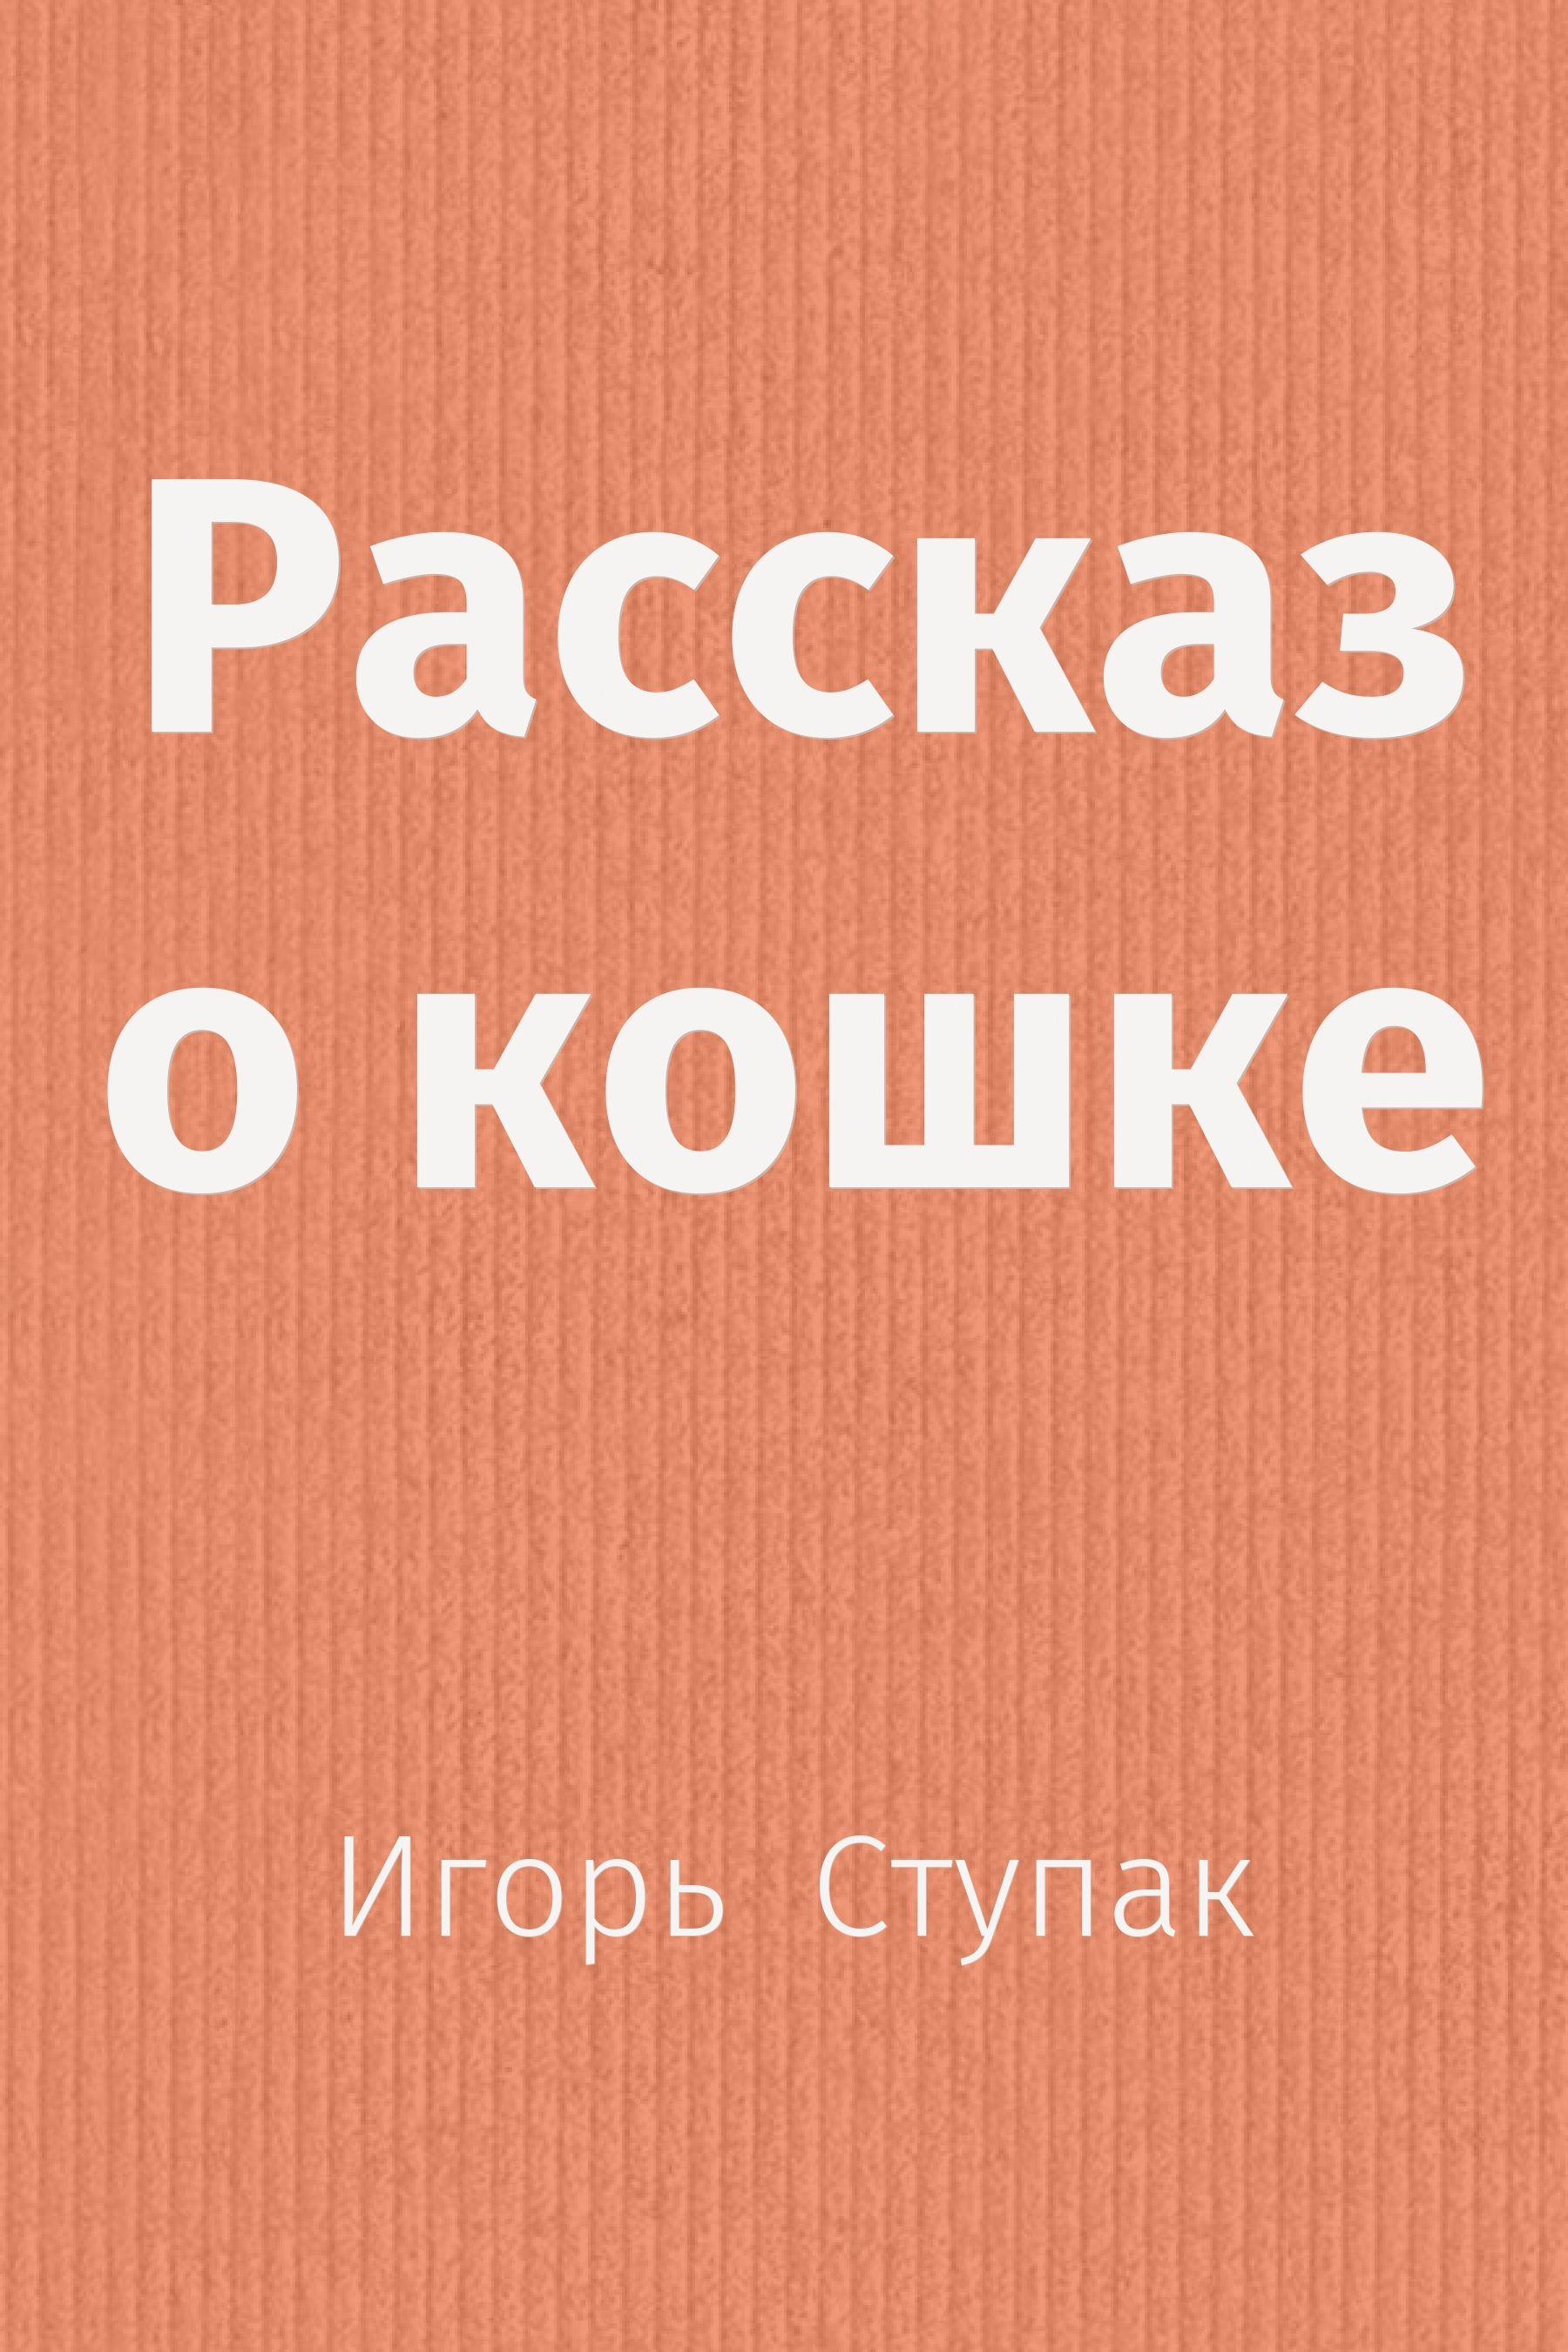 """Игорь Ступак опубликовал(а) произведение """"Рассказ о кошке ..."""